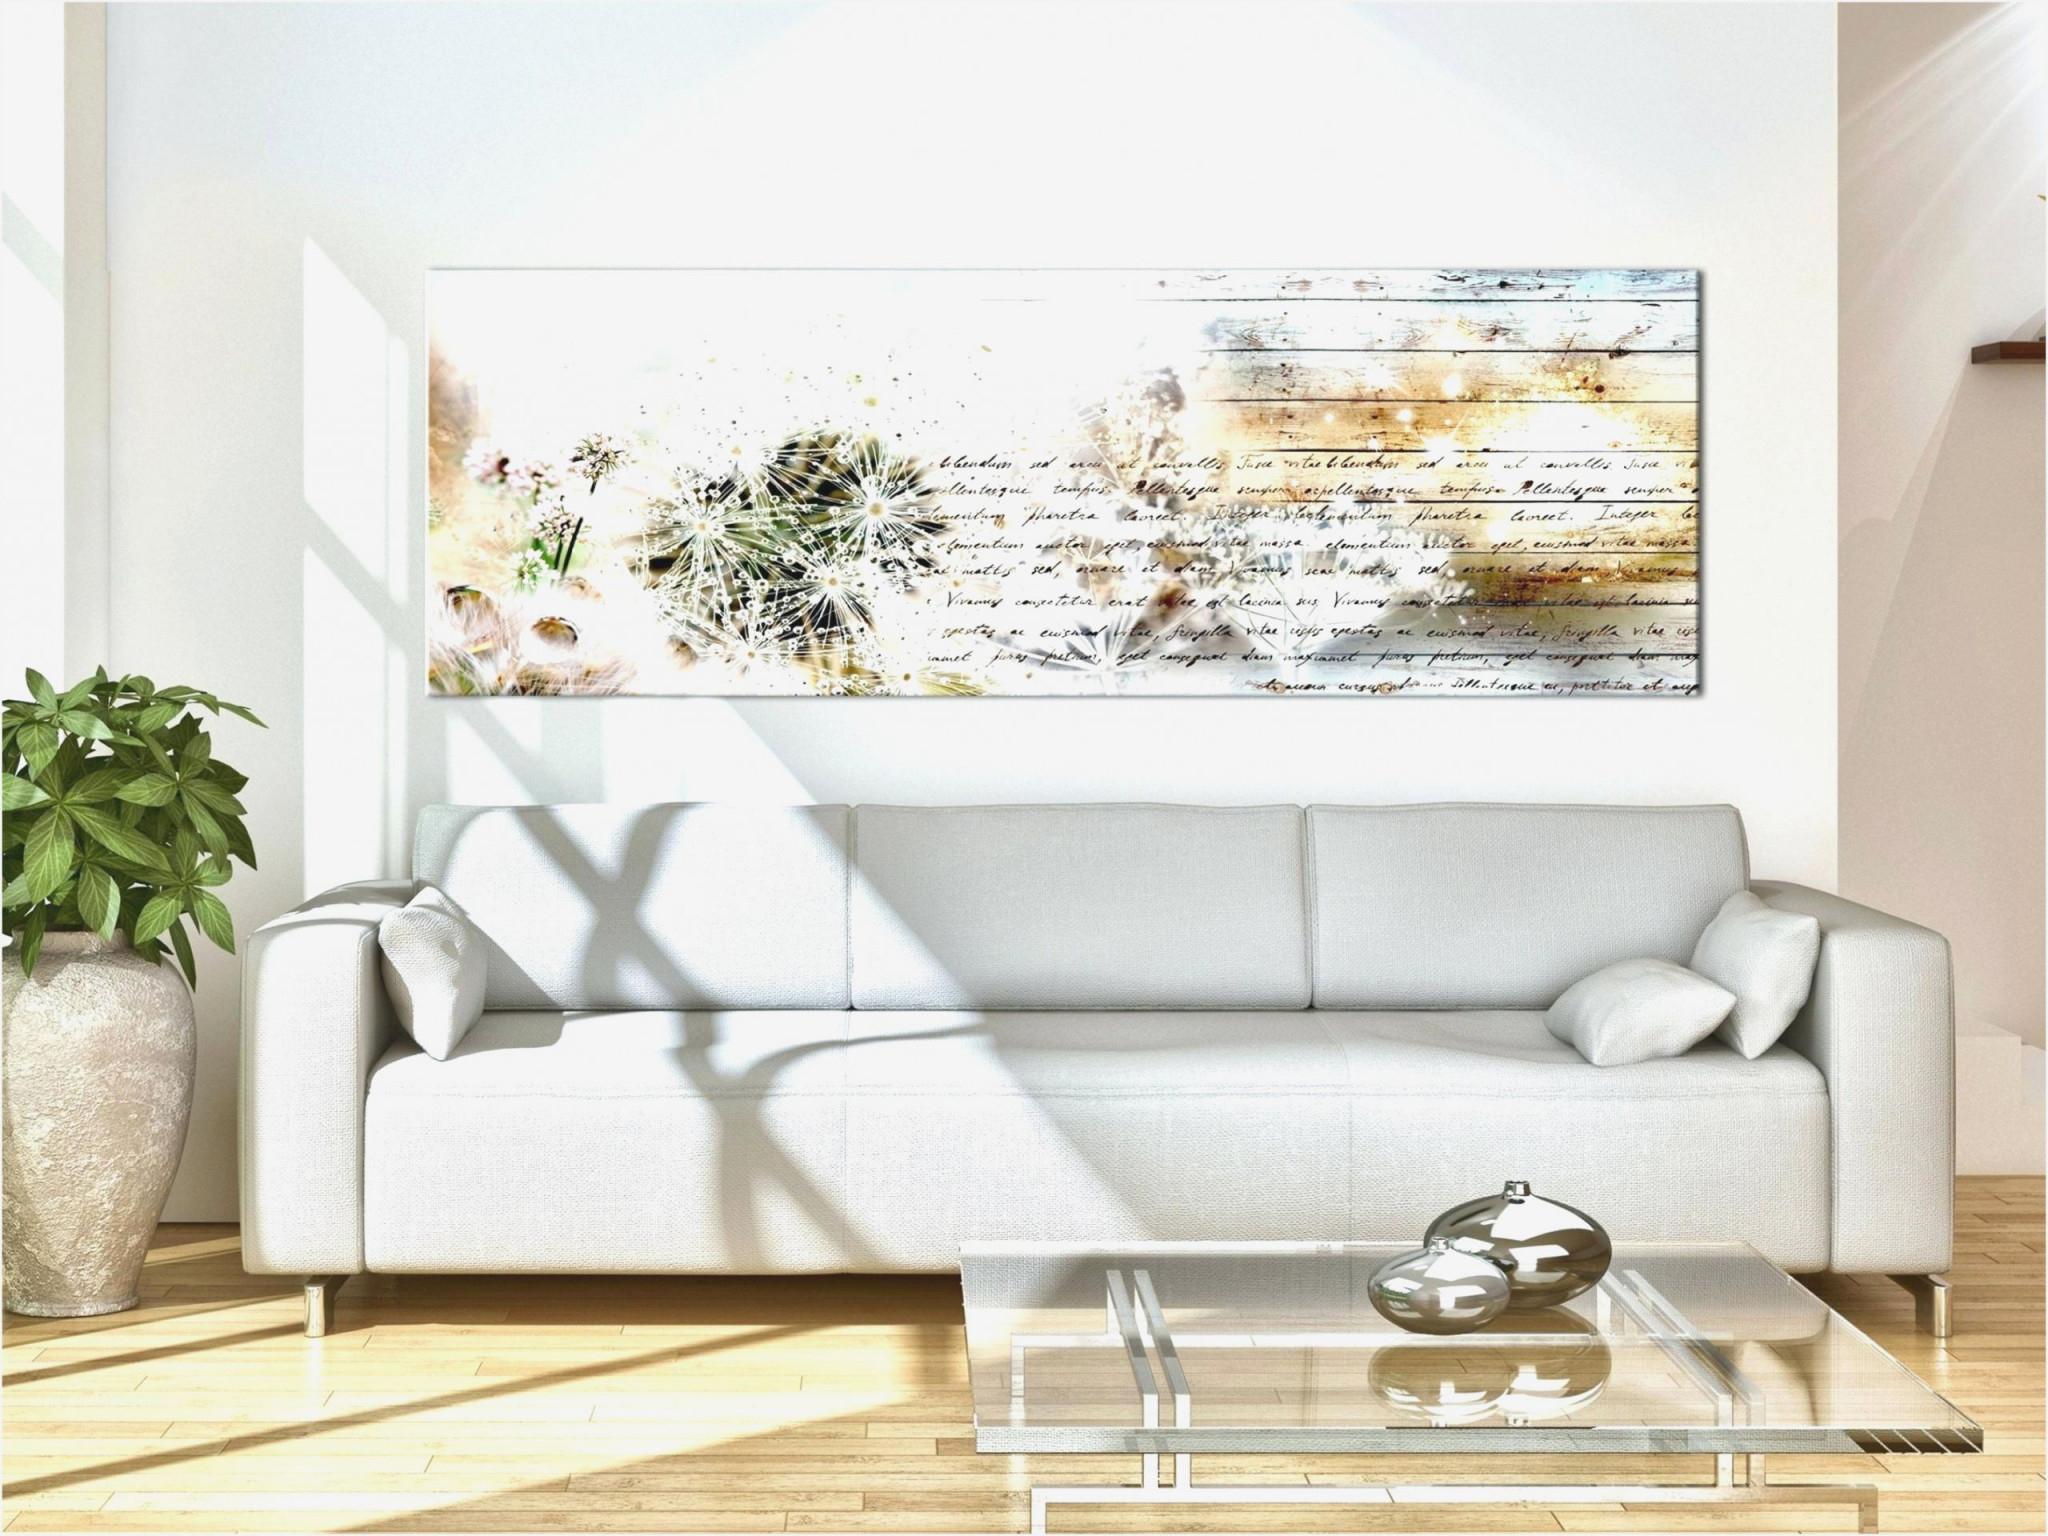 Wohnzimmer Bilder Mehrteilig Günstig  Wohnzimmer von Bilder Wohnzimmer Mehrteilig Photo